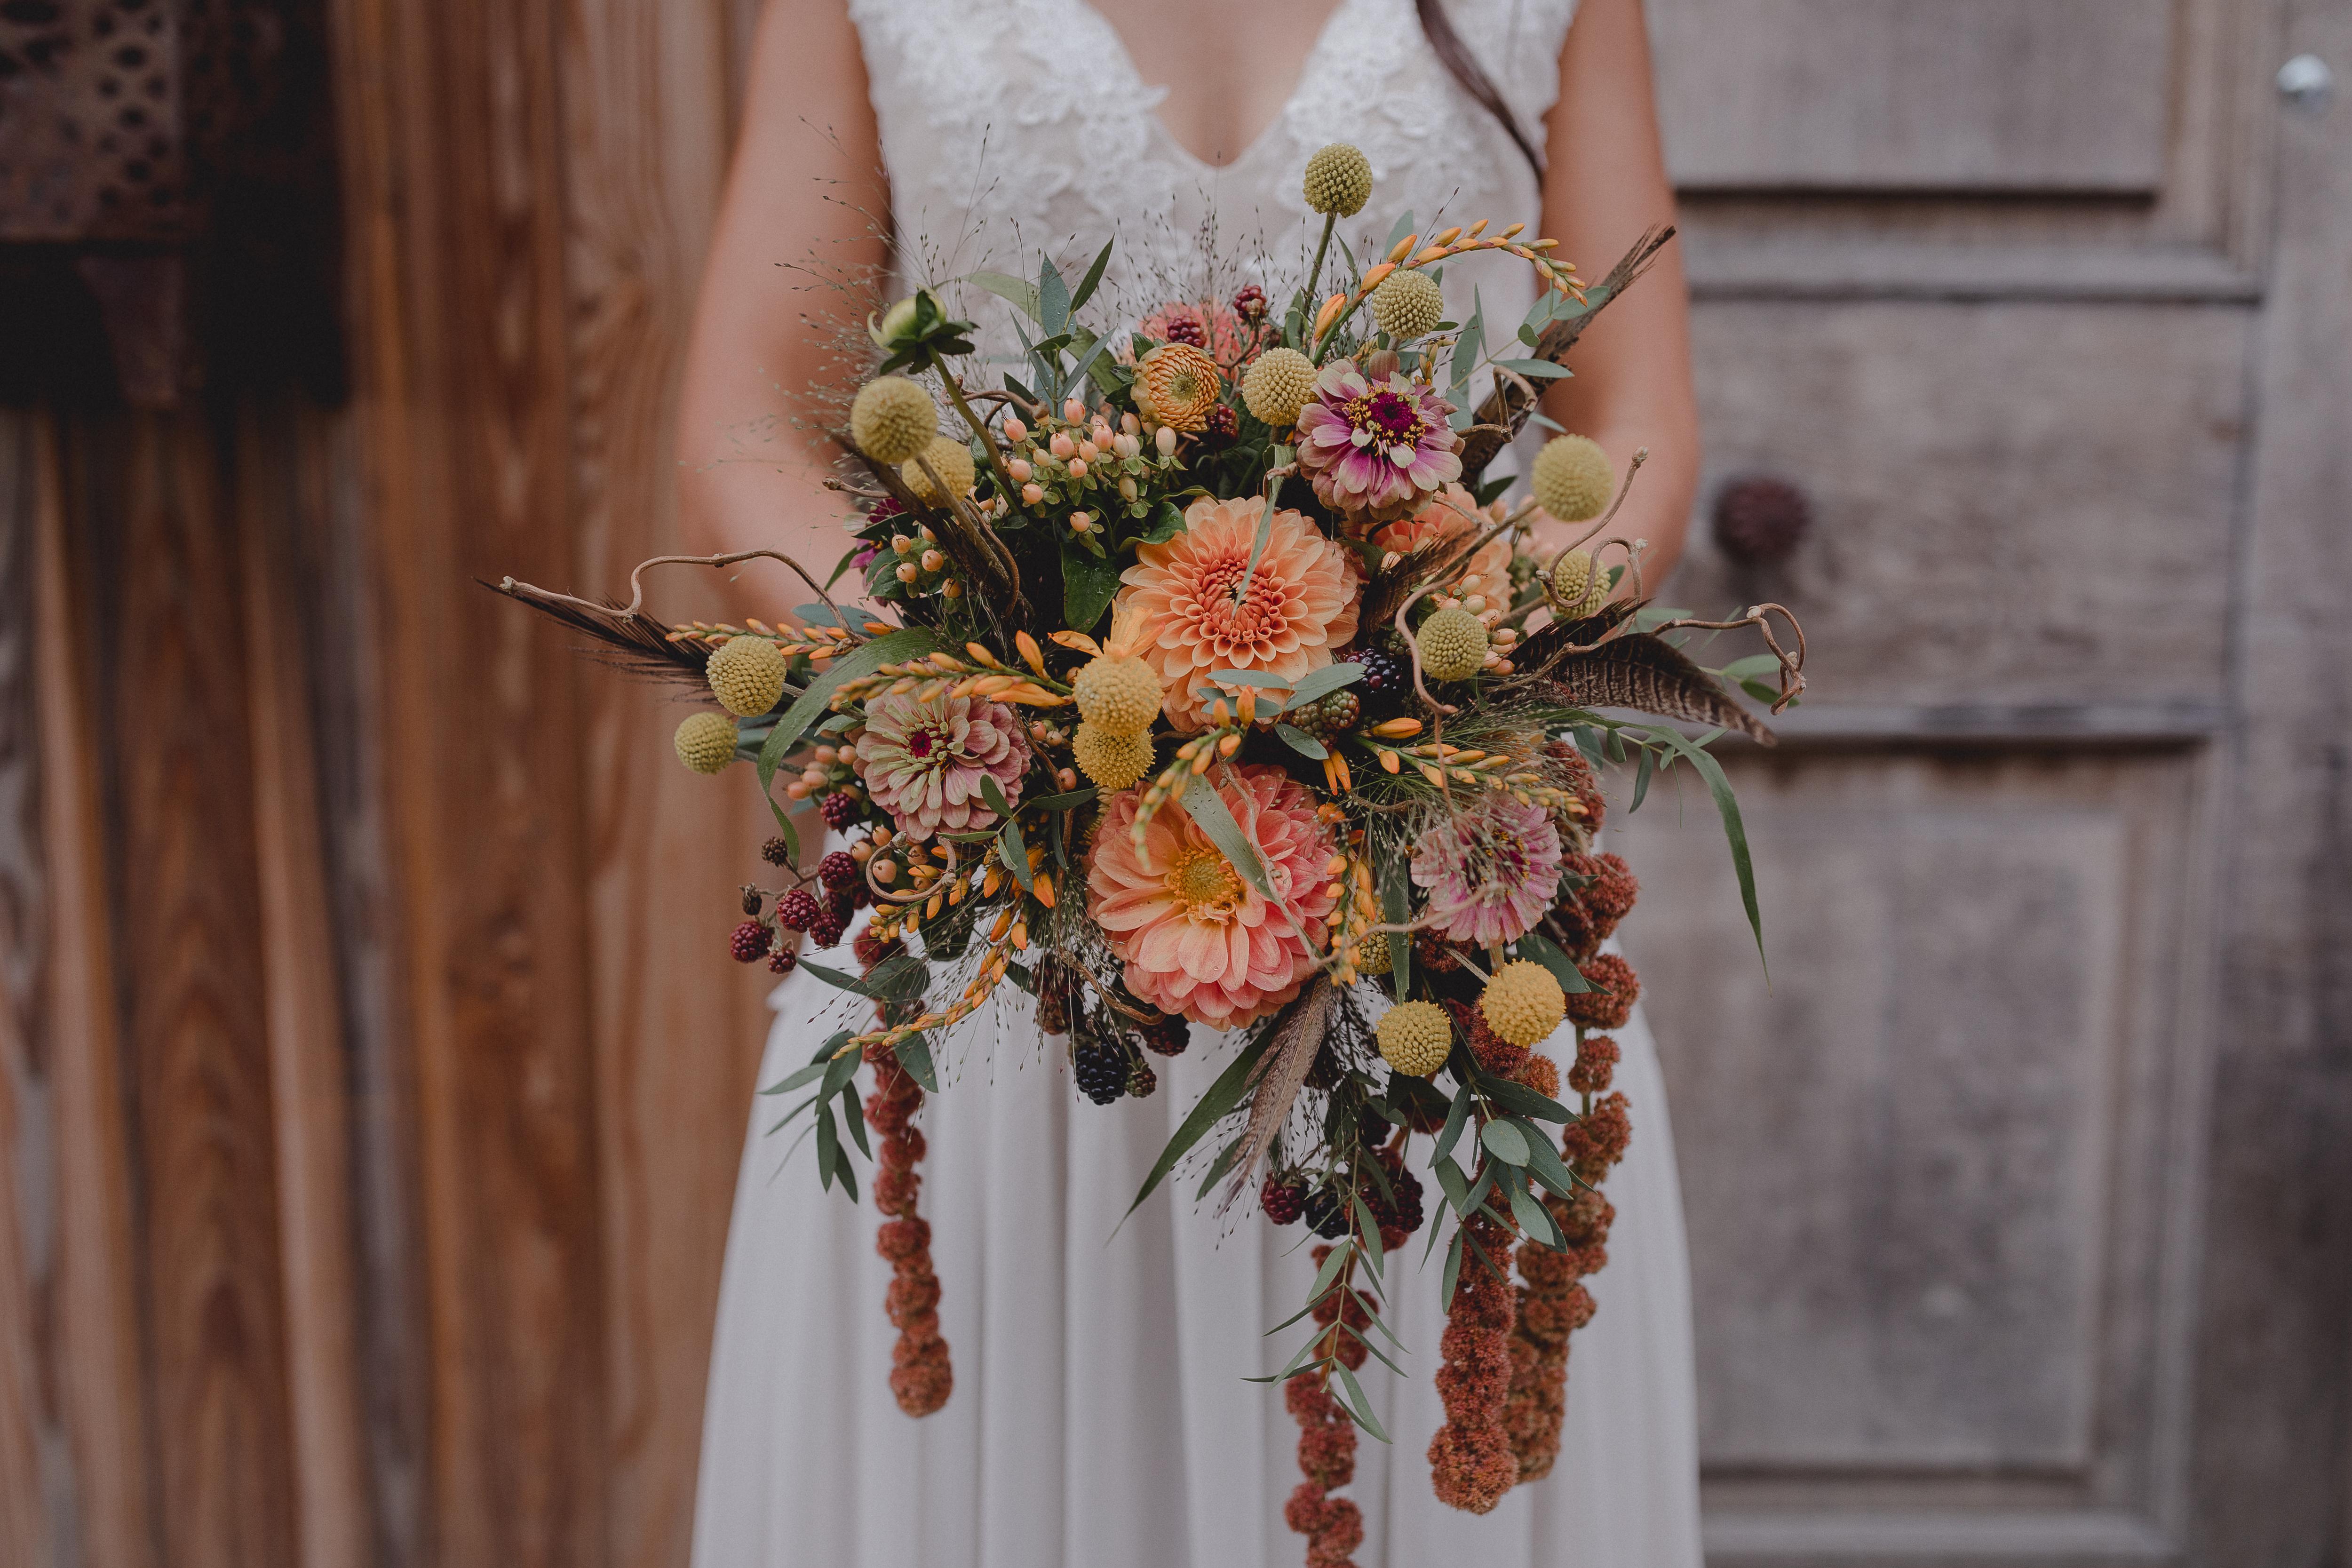 URBANERIE_Daniela_Goth_Vintage_Hochzeitsfotografin_Nuernberg_Fuerth_Erlangen_180721_0089